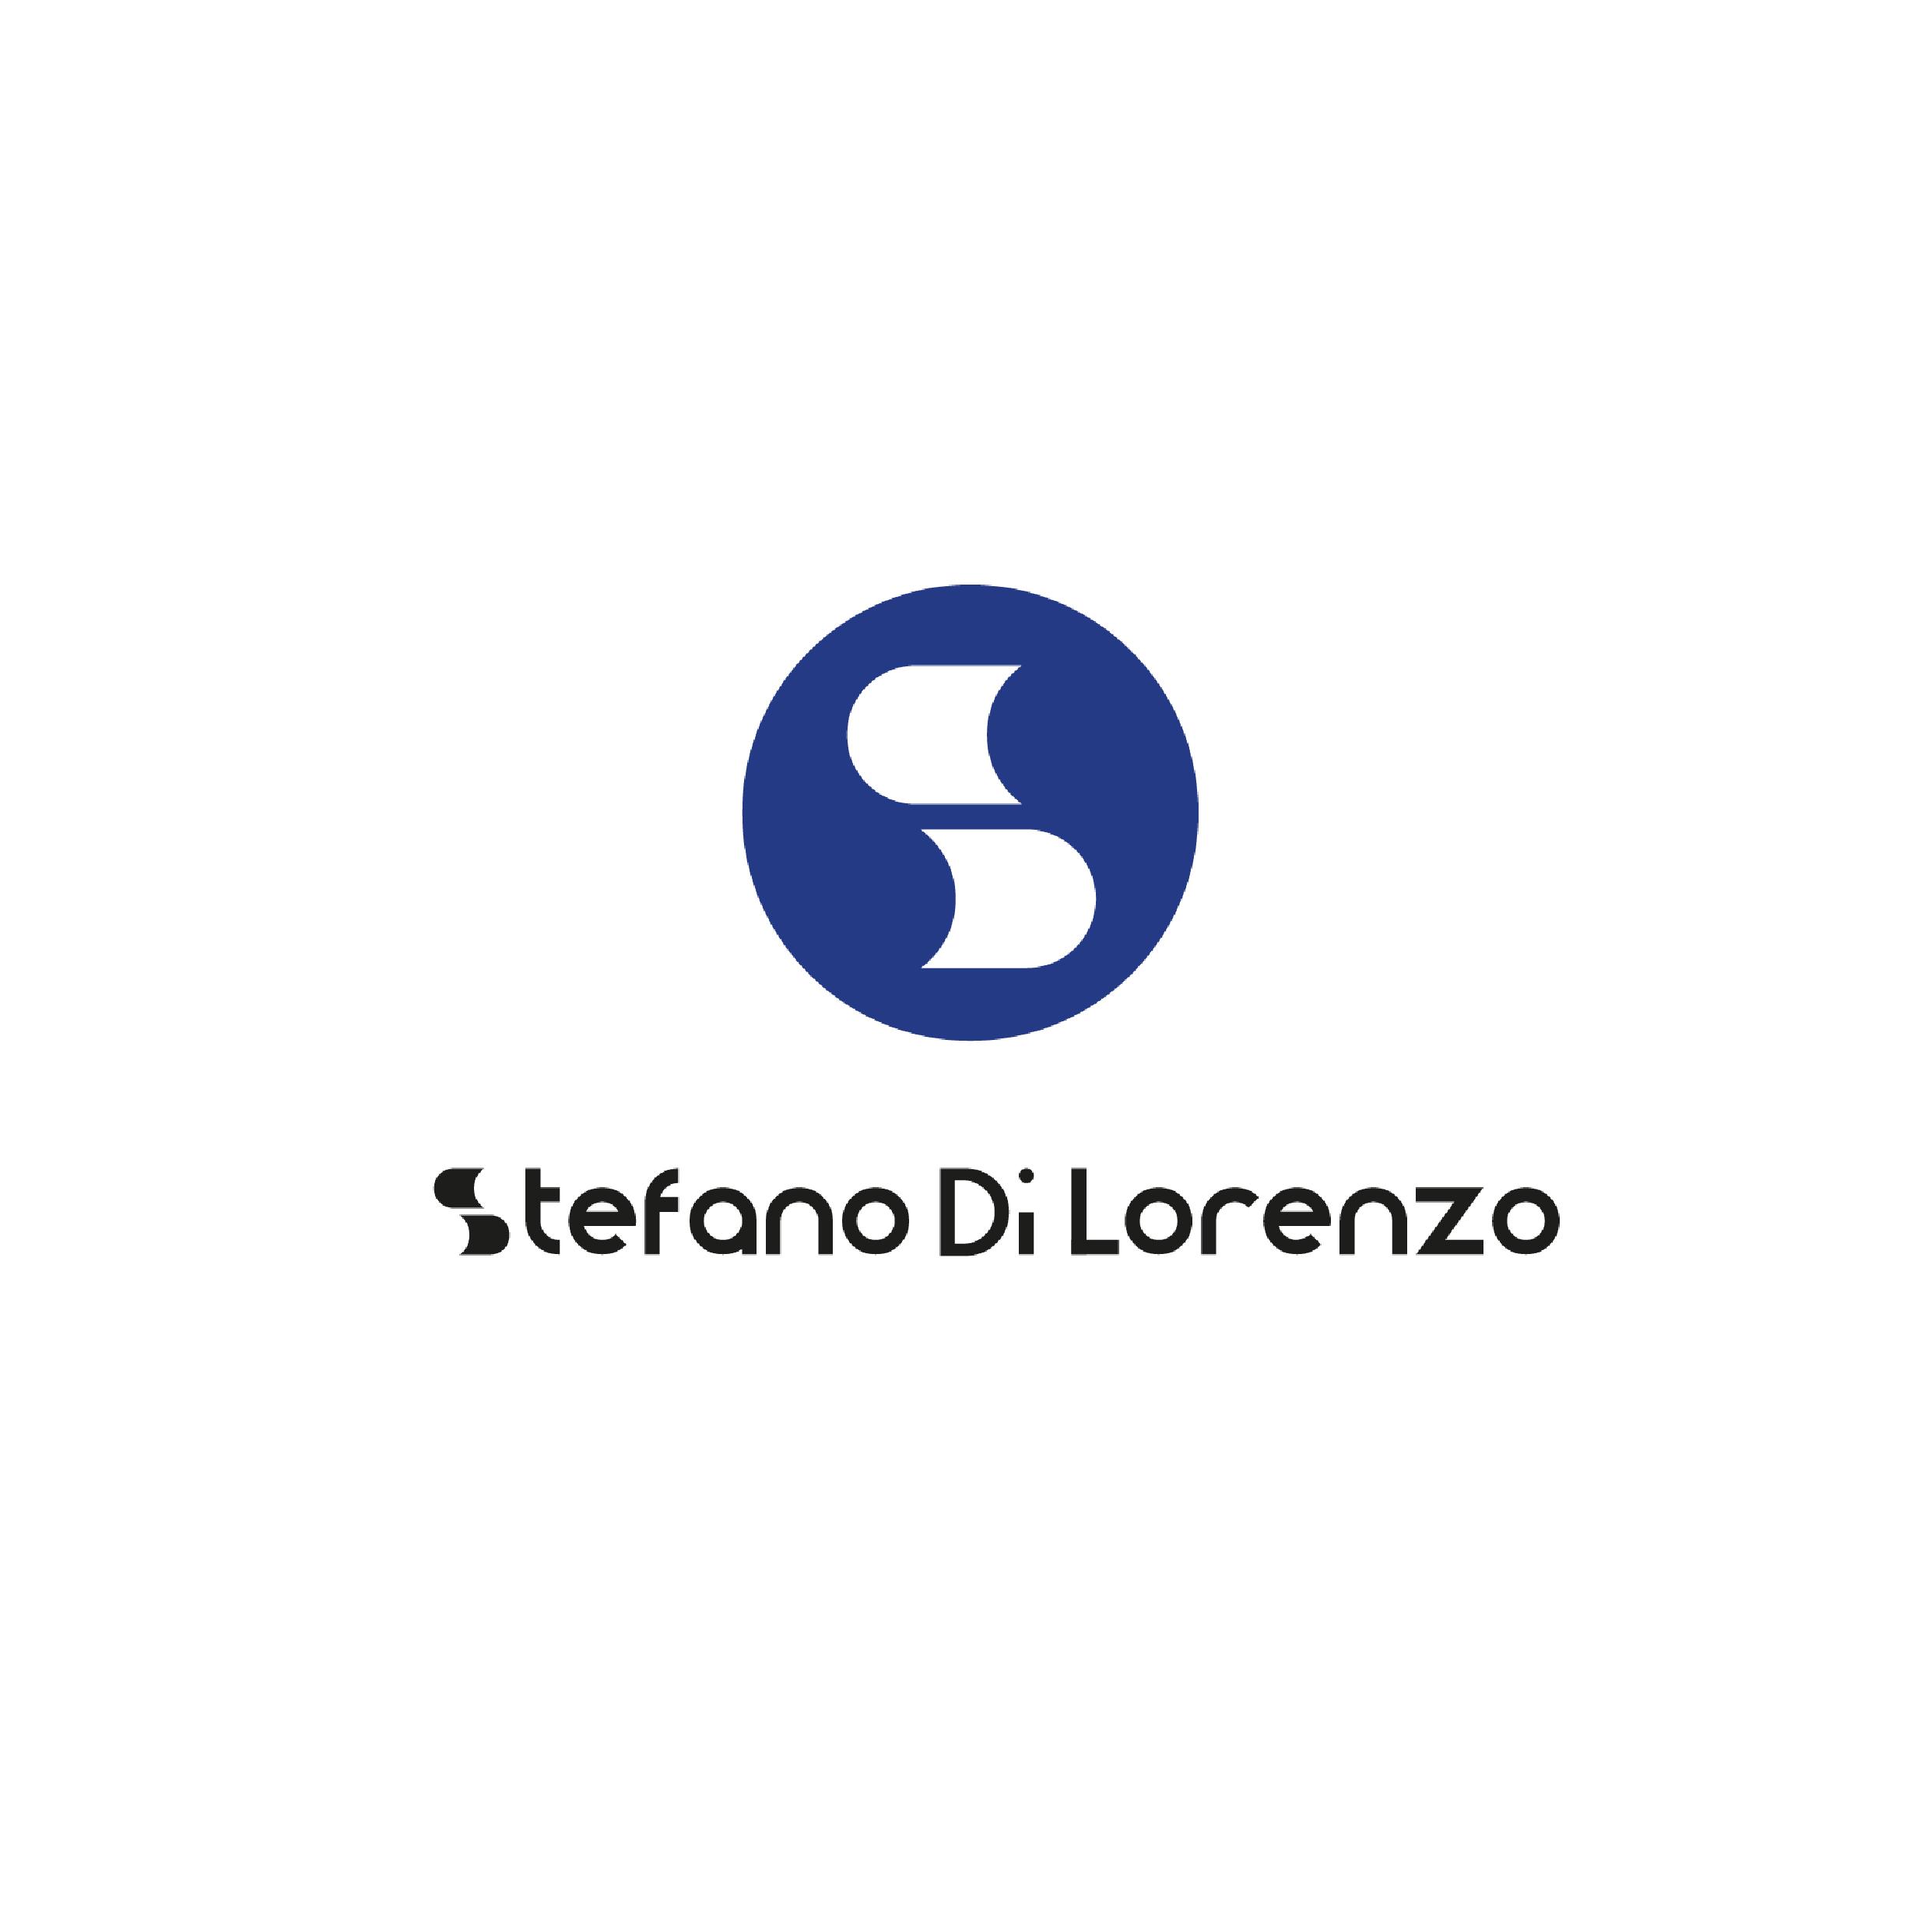 Stefano DI Lorenzo